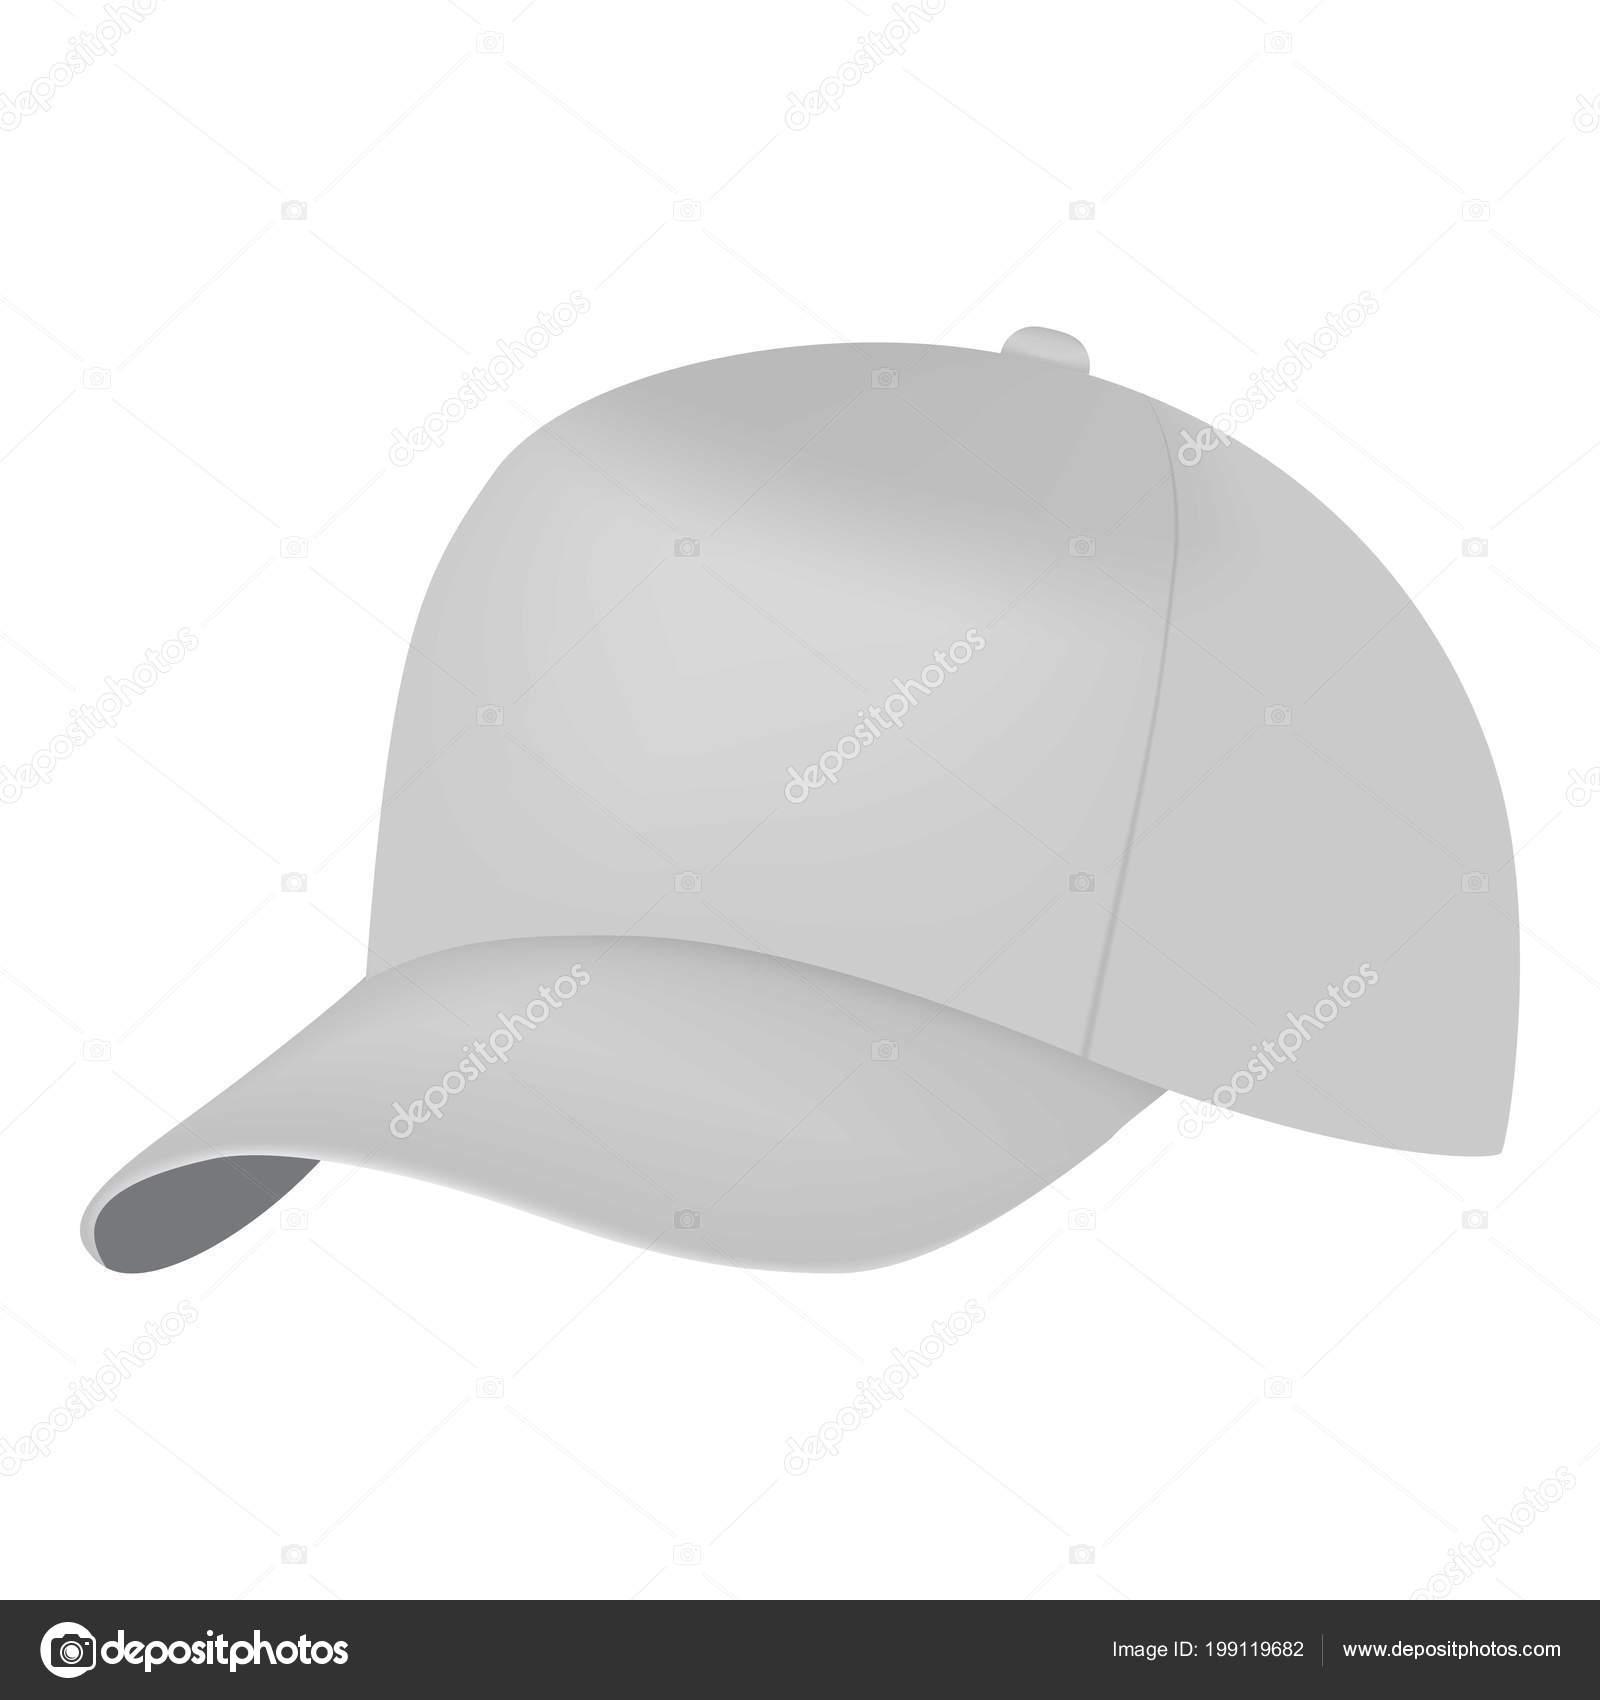 Tapa blanca lado vista maqueta. Ilustración realista de maqueta de vector  blanco tapa lateral Vista para web - mockup gorras — Vector de ylivdesign —  Vector ... ce2058a23b0